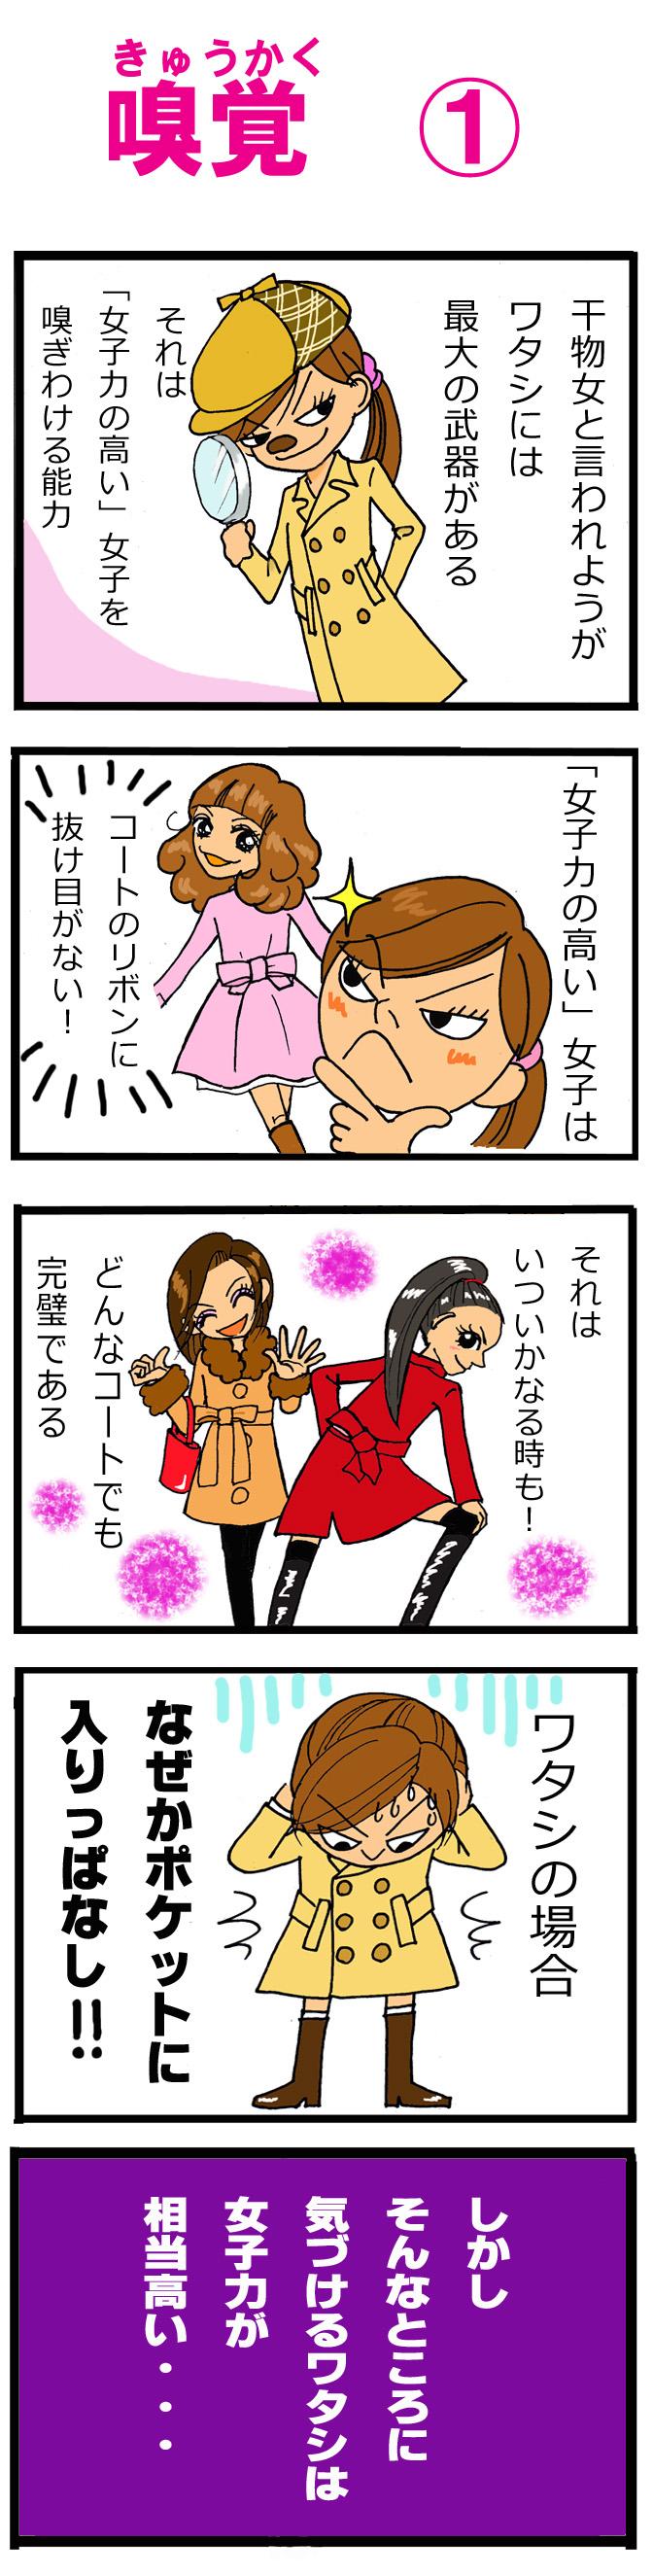 イケてしまい過ぎる女子達へ「嗅覚」作:兼山和子